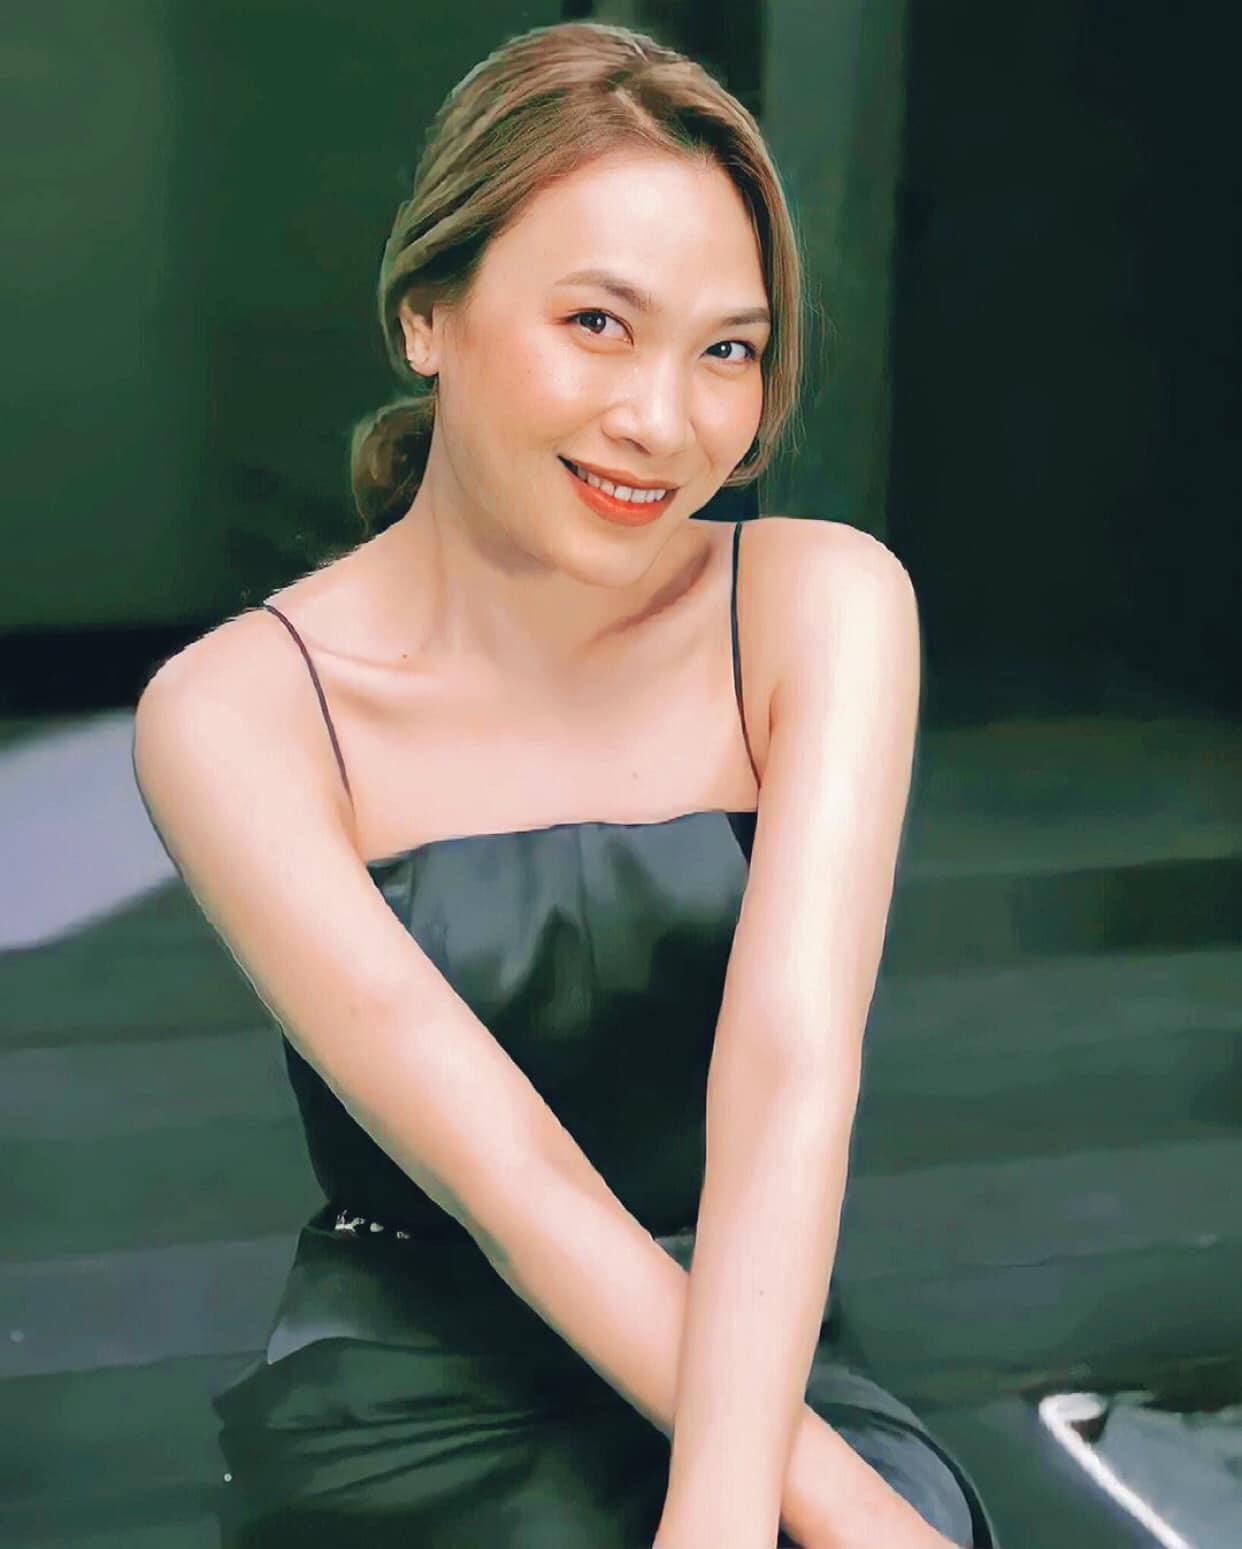 Sao Việt hôm nay 13/9: Mỹ Tâm đăng ảnh đẹp và viết: ''Đem thanh xuân một thời tuổi trẻ, để theo dõi duy nhất một người''.